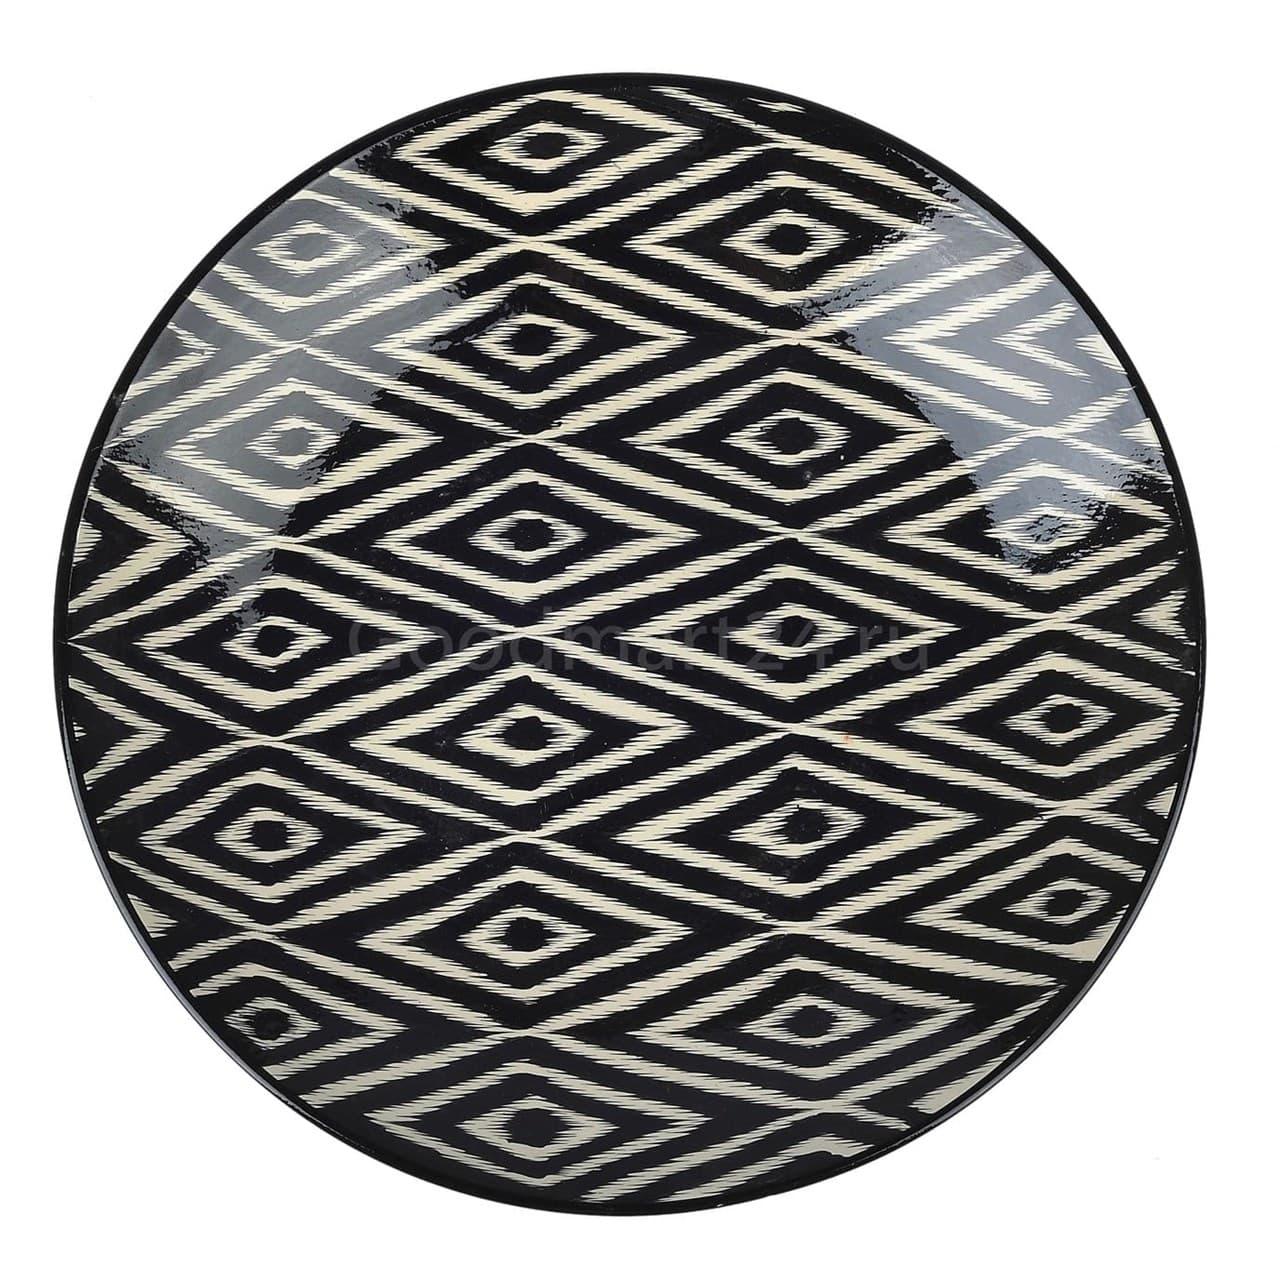 Ляган Риштанская Керамика 42 см. плоский, Чёрный Атлас - фото 9389